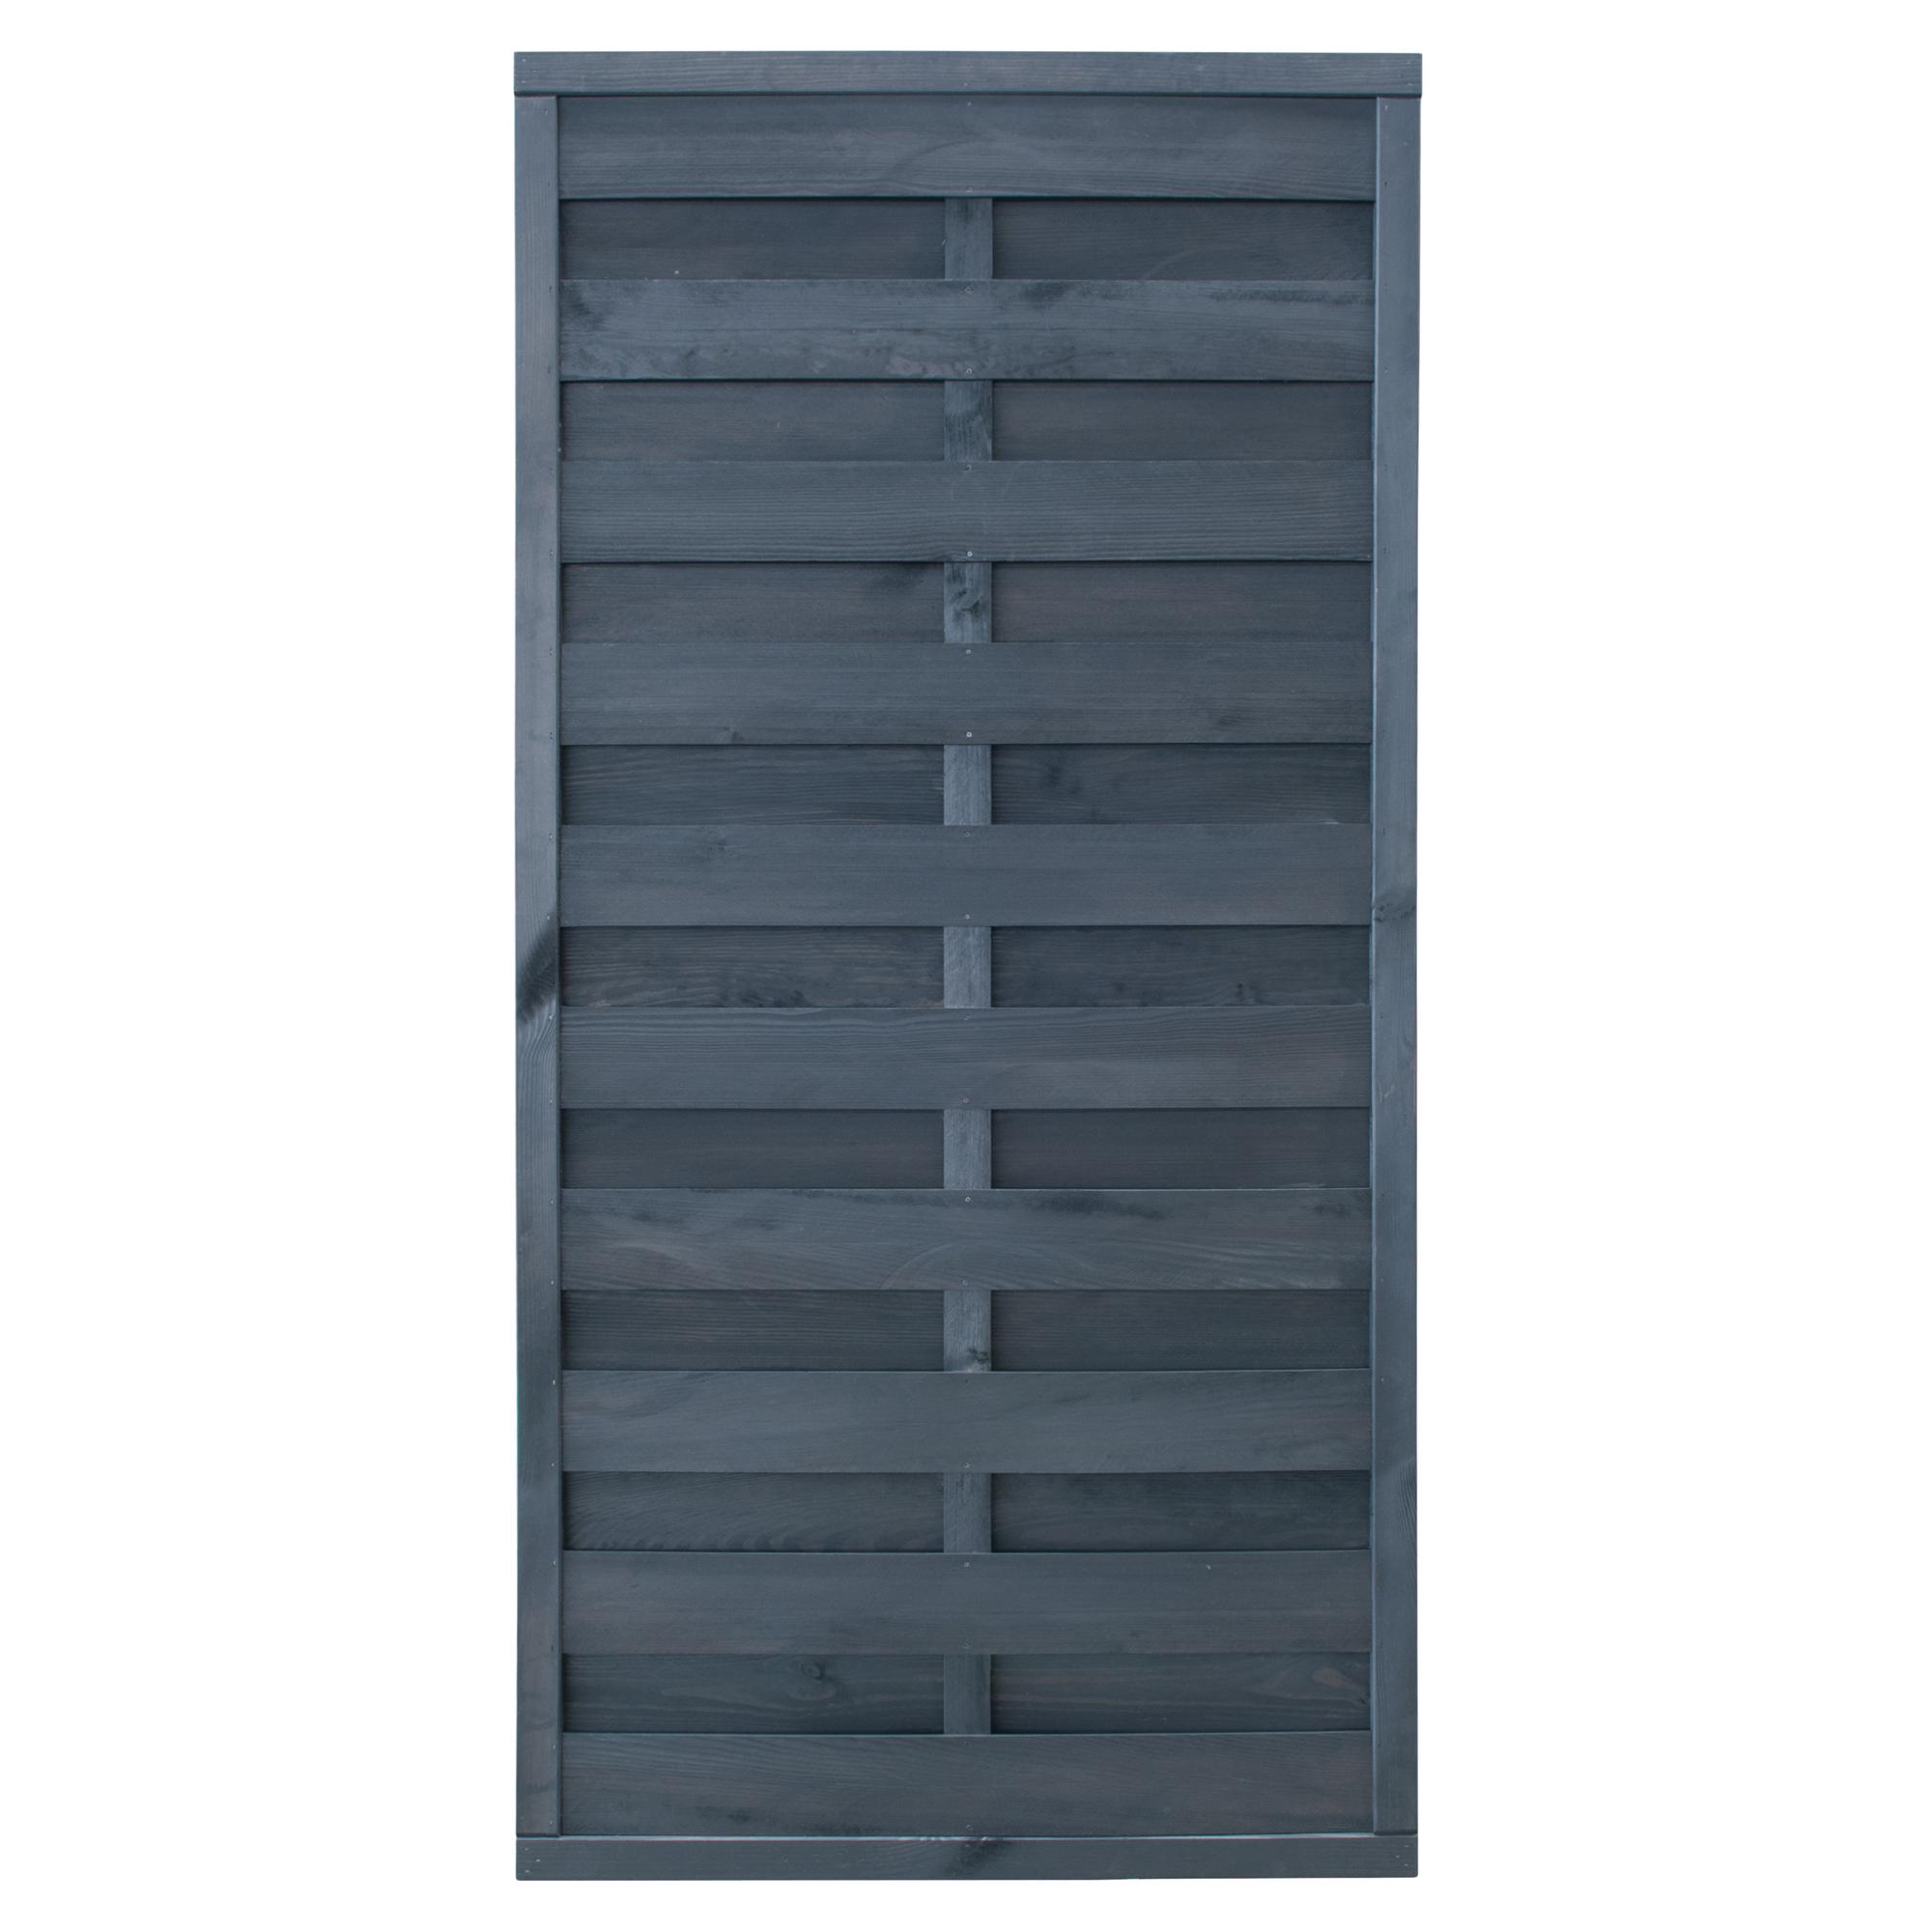 Sichtschutzzaun Koln 90 X 180 Grau Gebeizt ǀ Toom Baumarkt